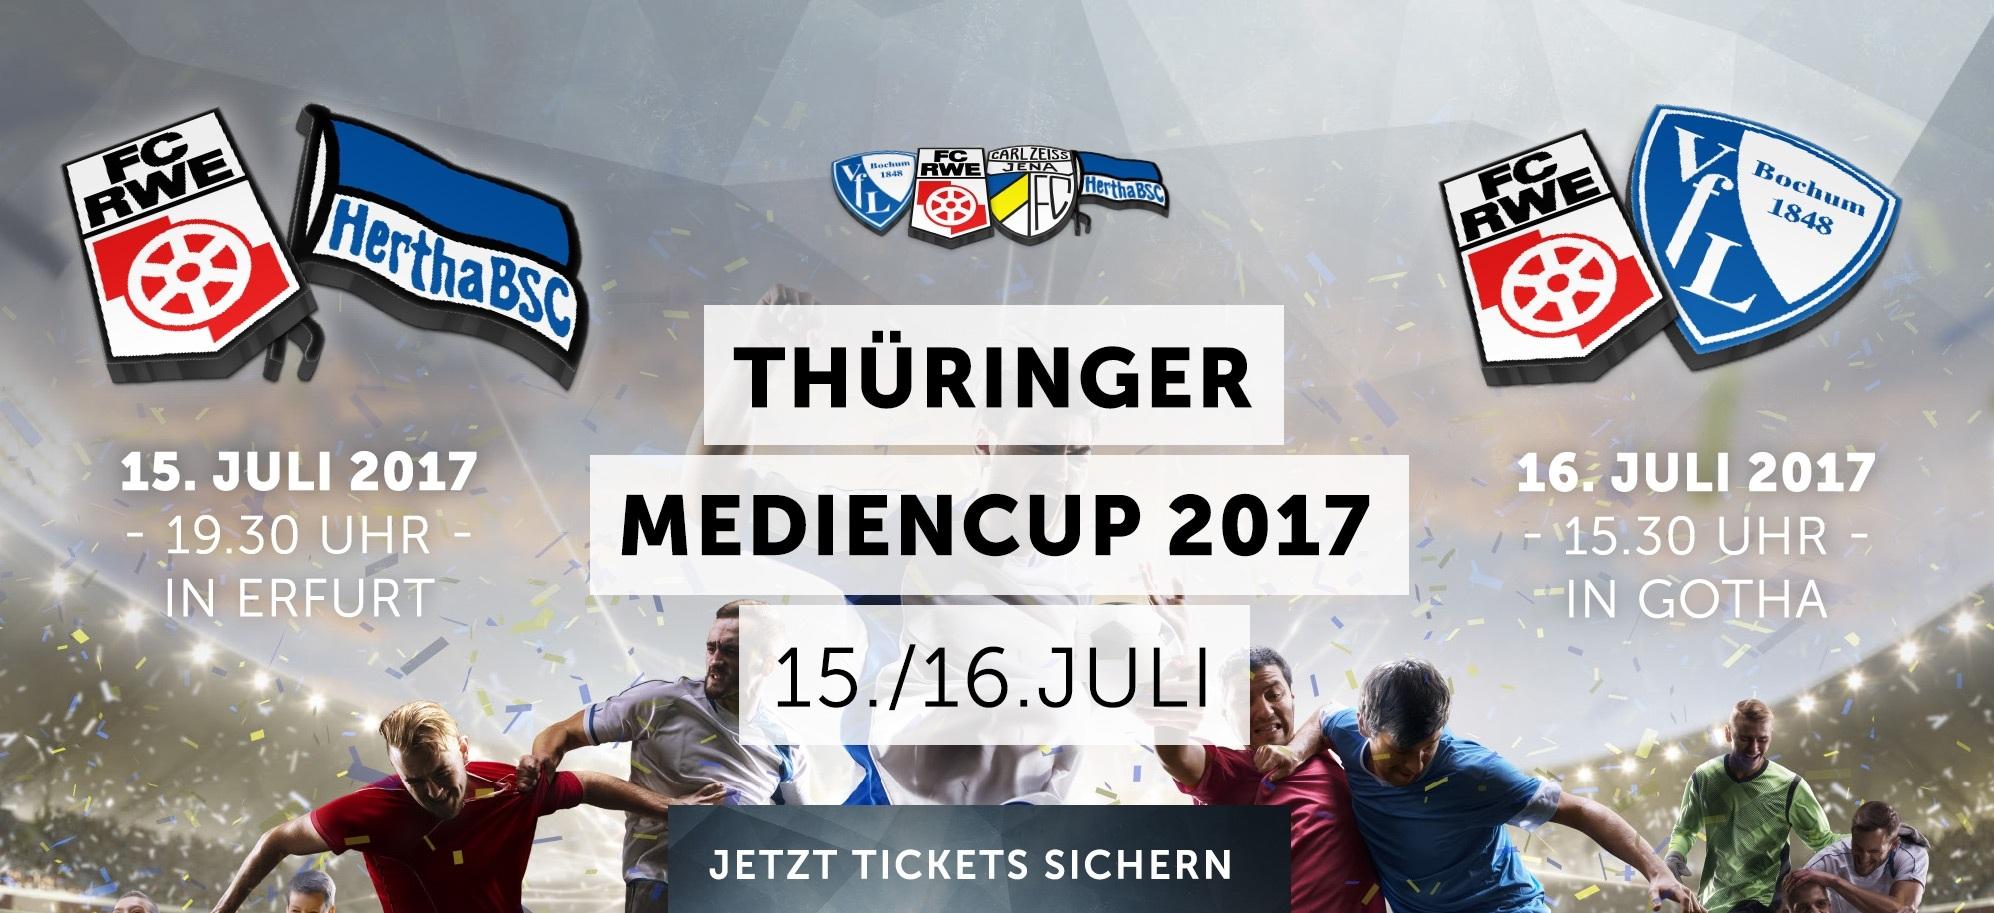 Thüringer_Mediencup_Header